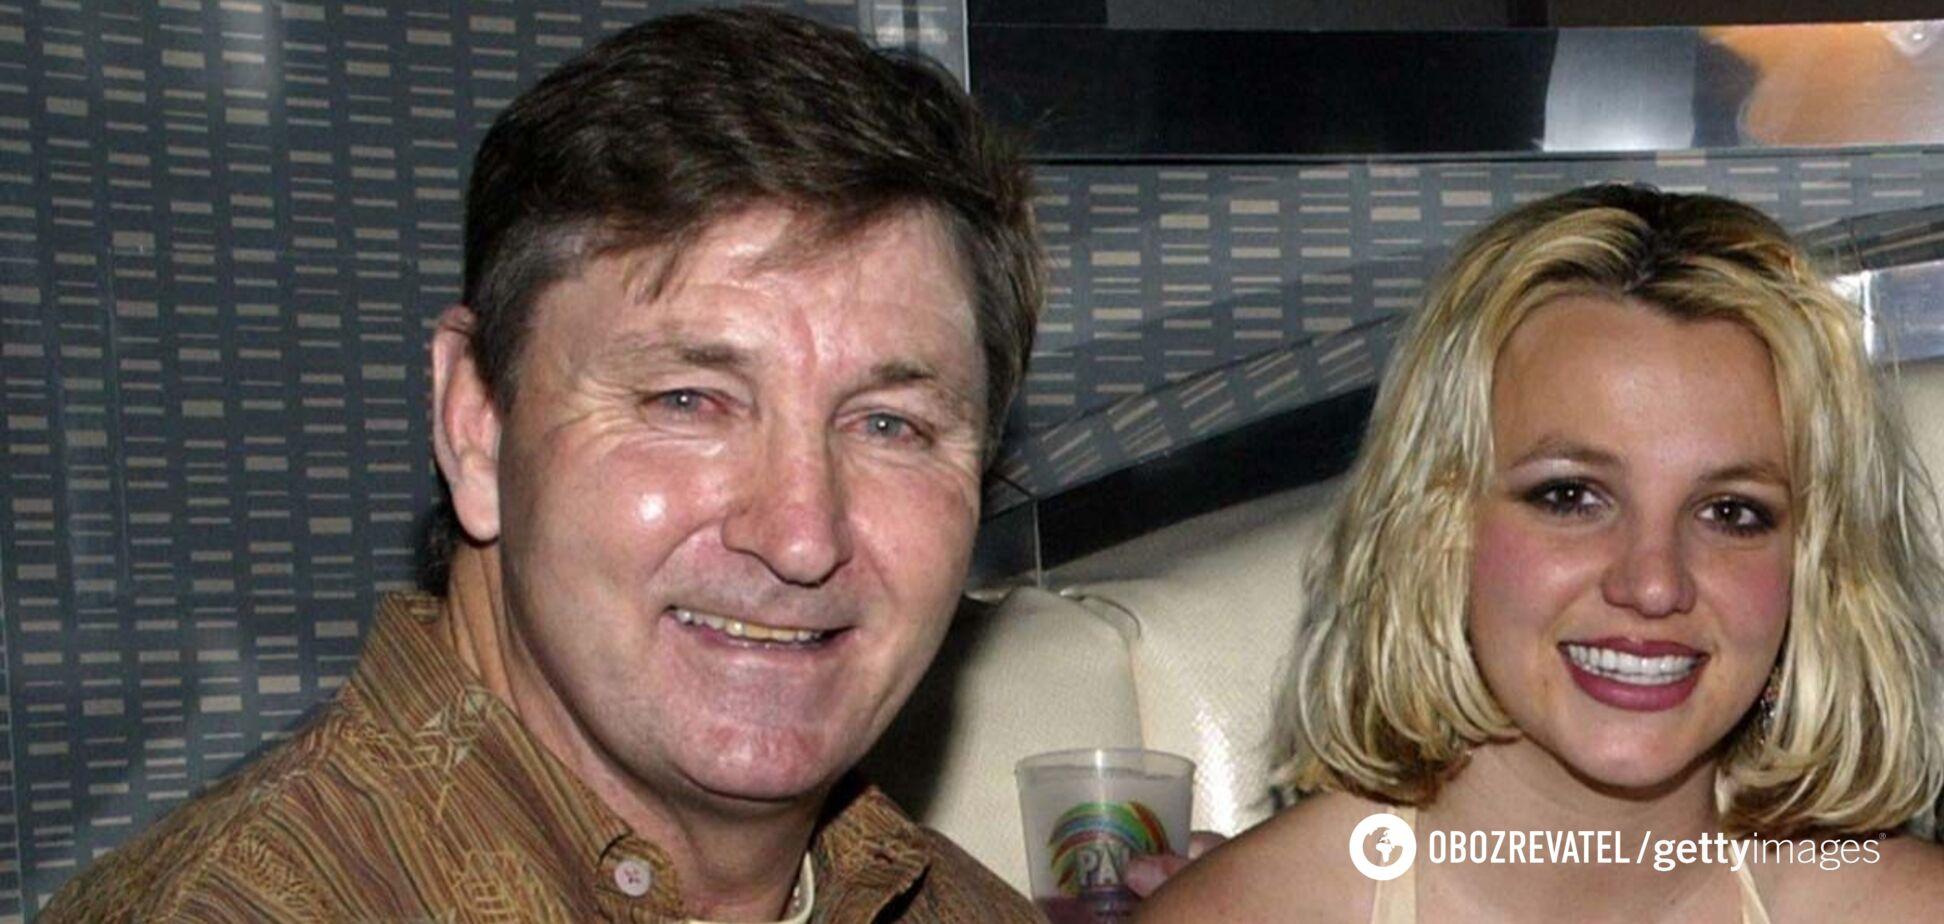 Батько Брітні Спірс відмовився від опіки над донькою